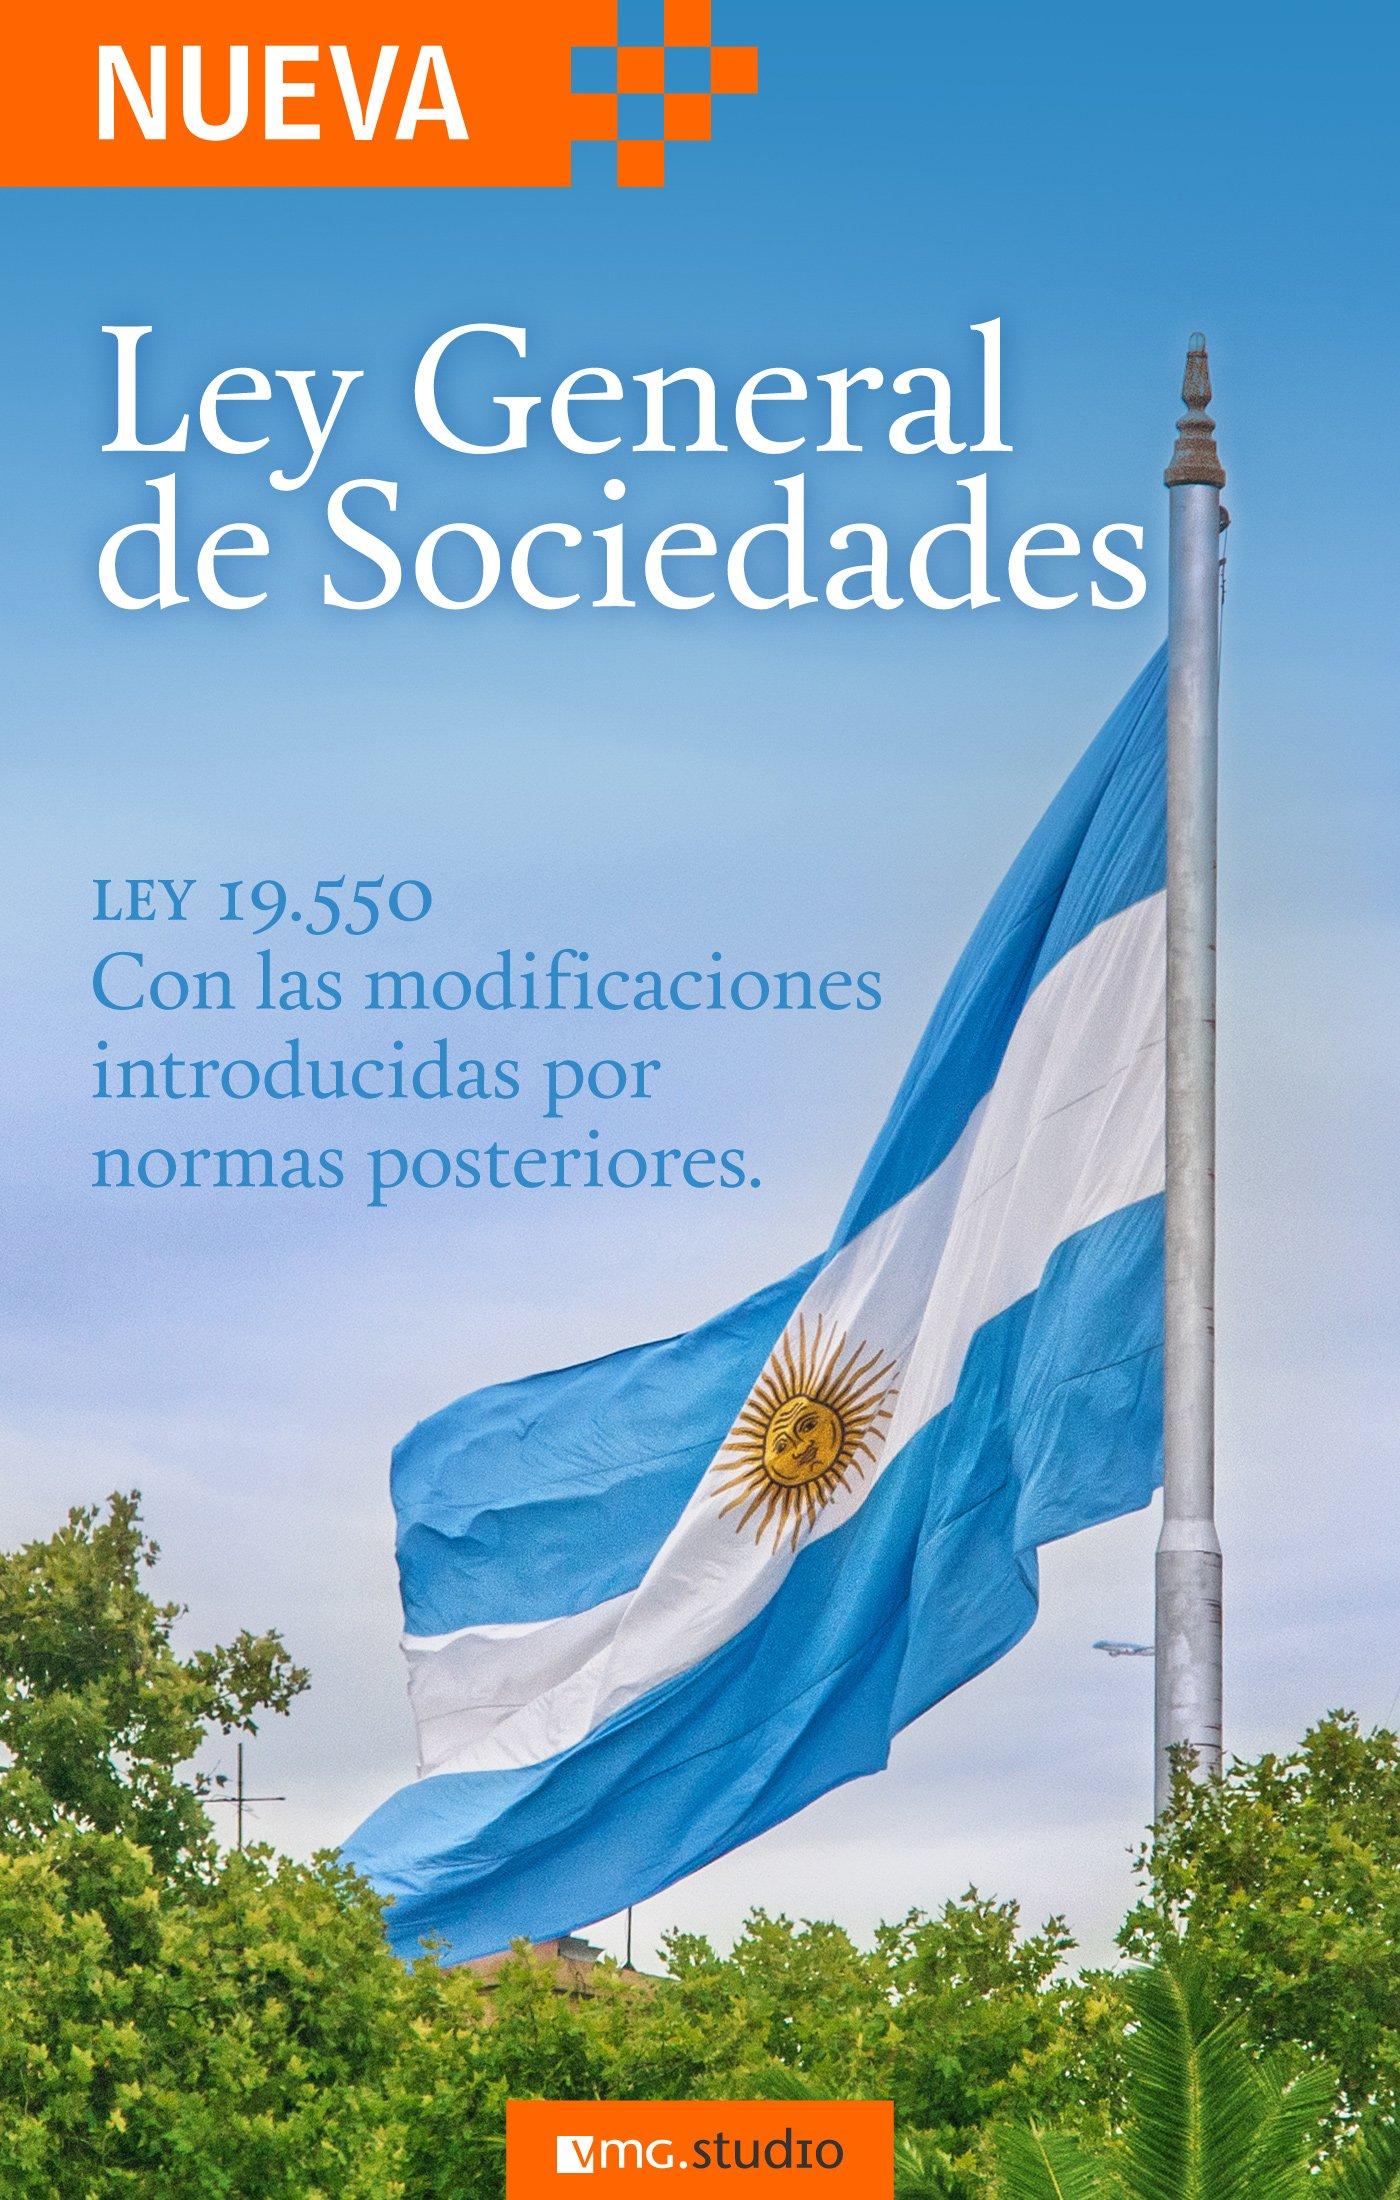 Ley General de Sociedades: Ley 19.550 (Spanish Edition)